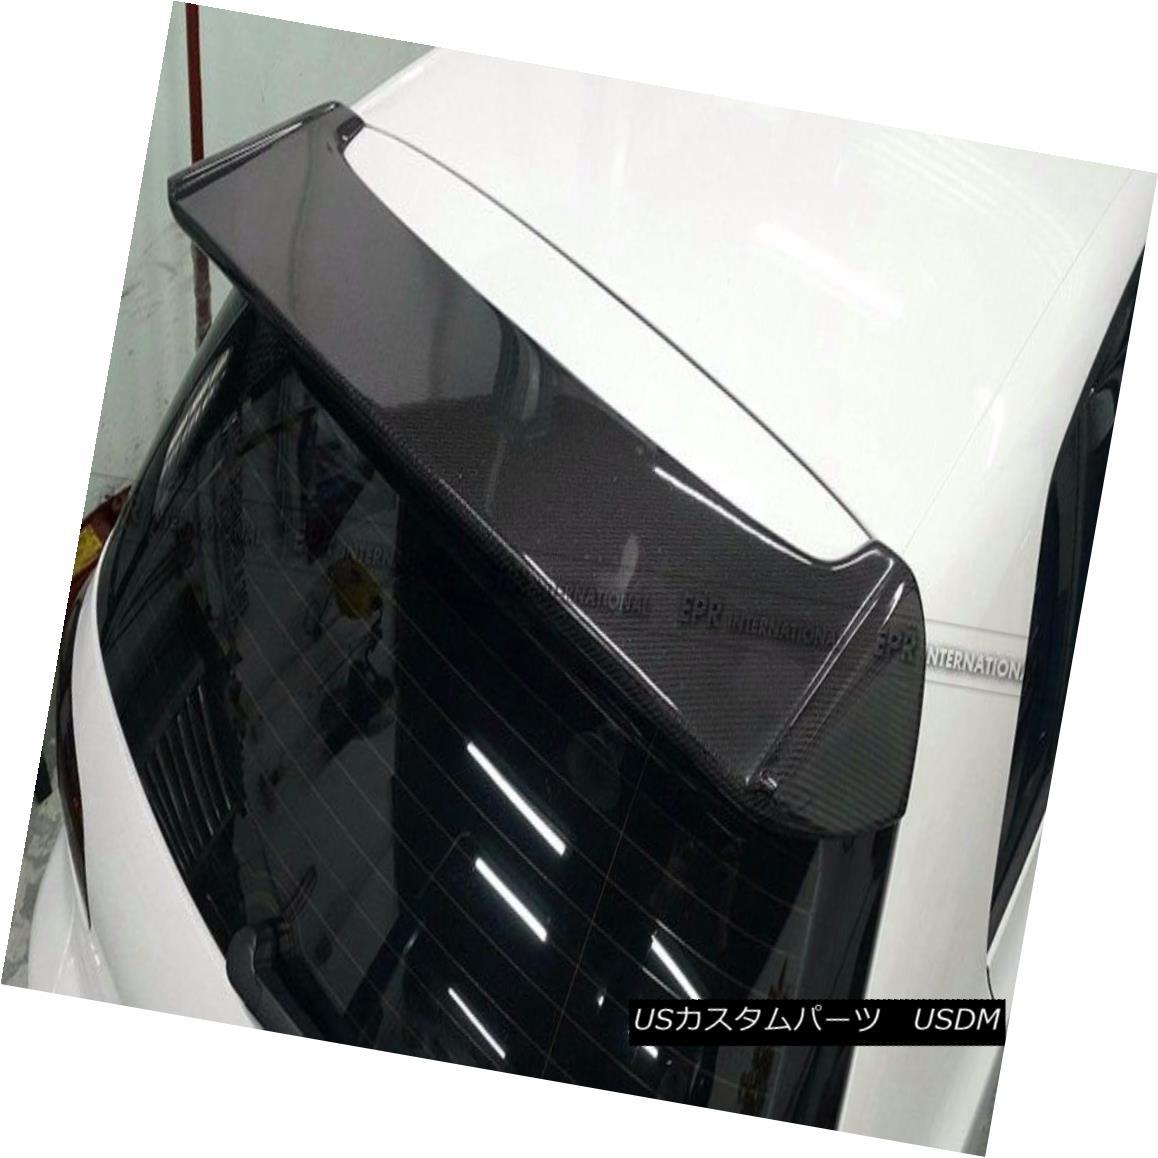 エアロパーツ For Volkswagen VW Golf 6 MK6 GTI Carbon Fiber Ors Style Rear Spoiler Wing Kit フォルクスワーゲンVWゴルフ6 MK6 GTIカーボンファイバーOrsスタイルリアスポイラーウイングキット